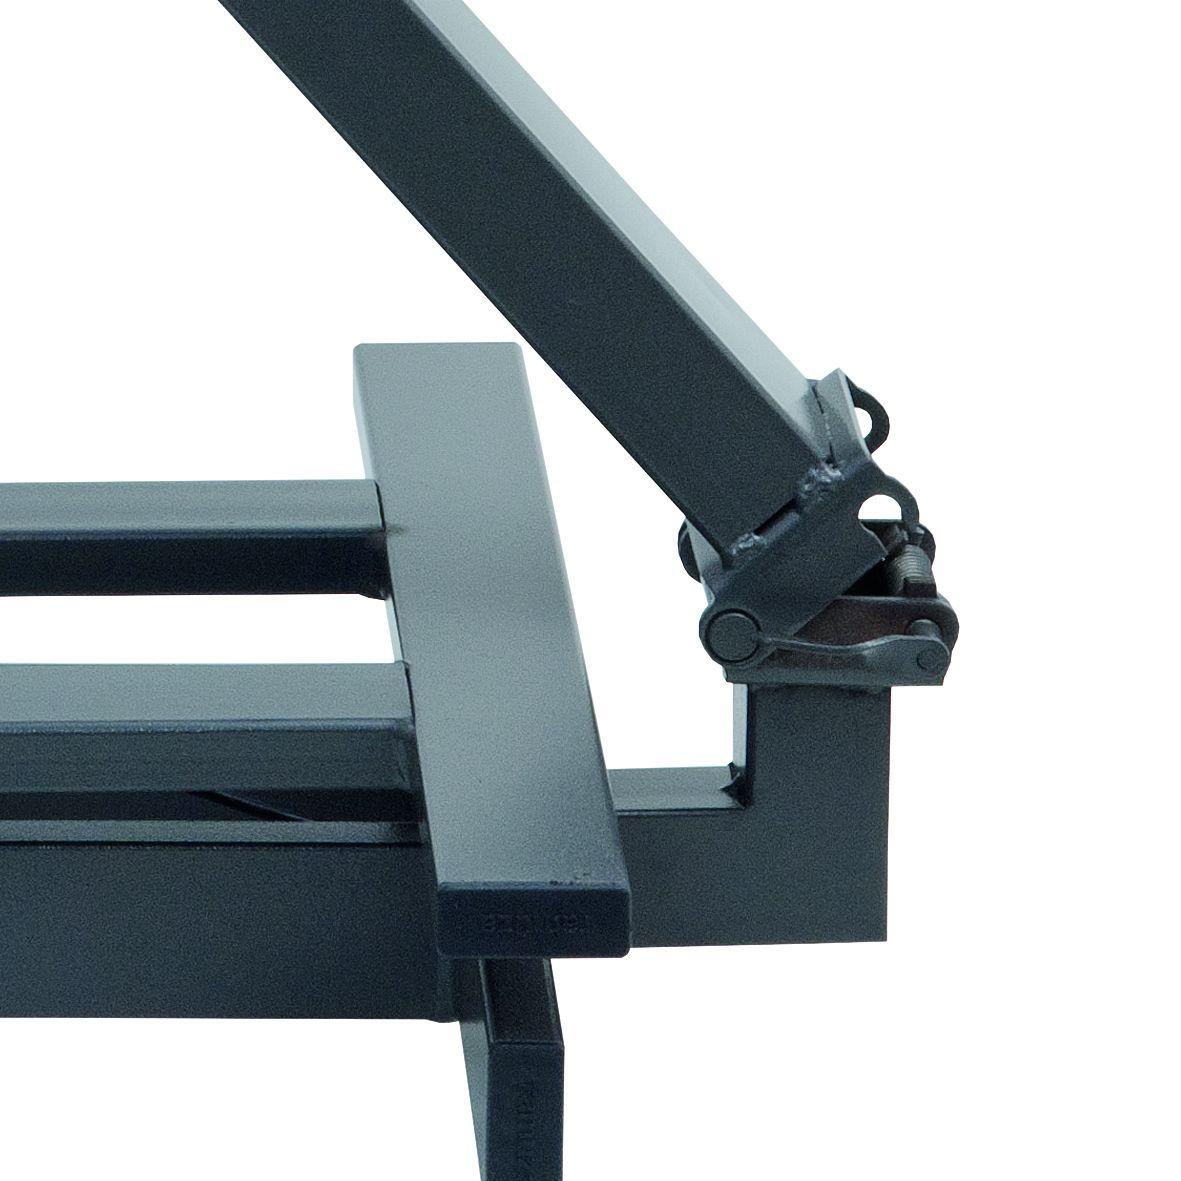 Balança Industrial Plataforma em Aço Carbono Ramuza DP - Capacidade: 200kg, Base: 50x50cm, IDR de Ferro